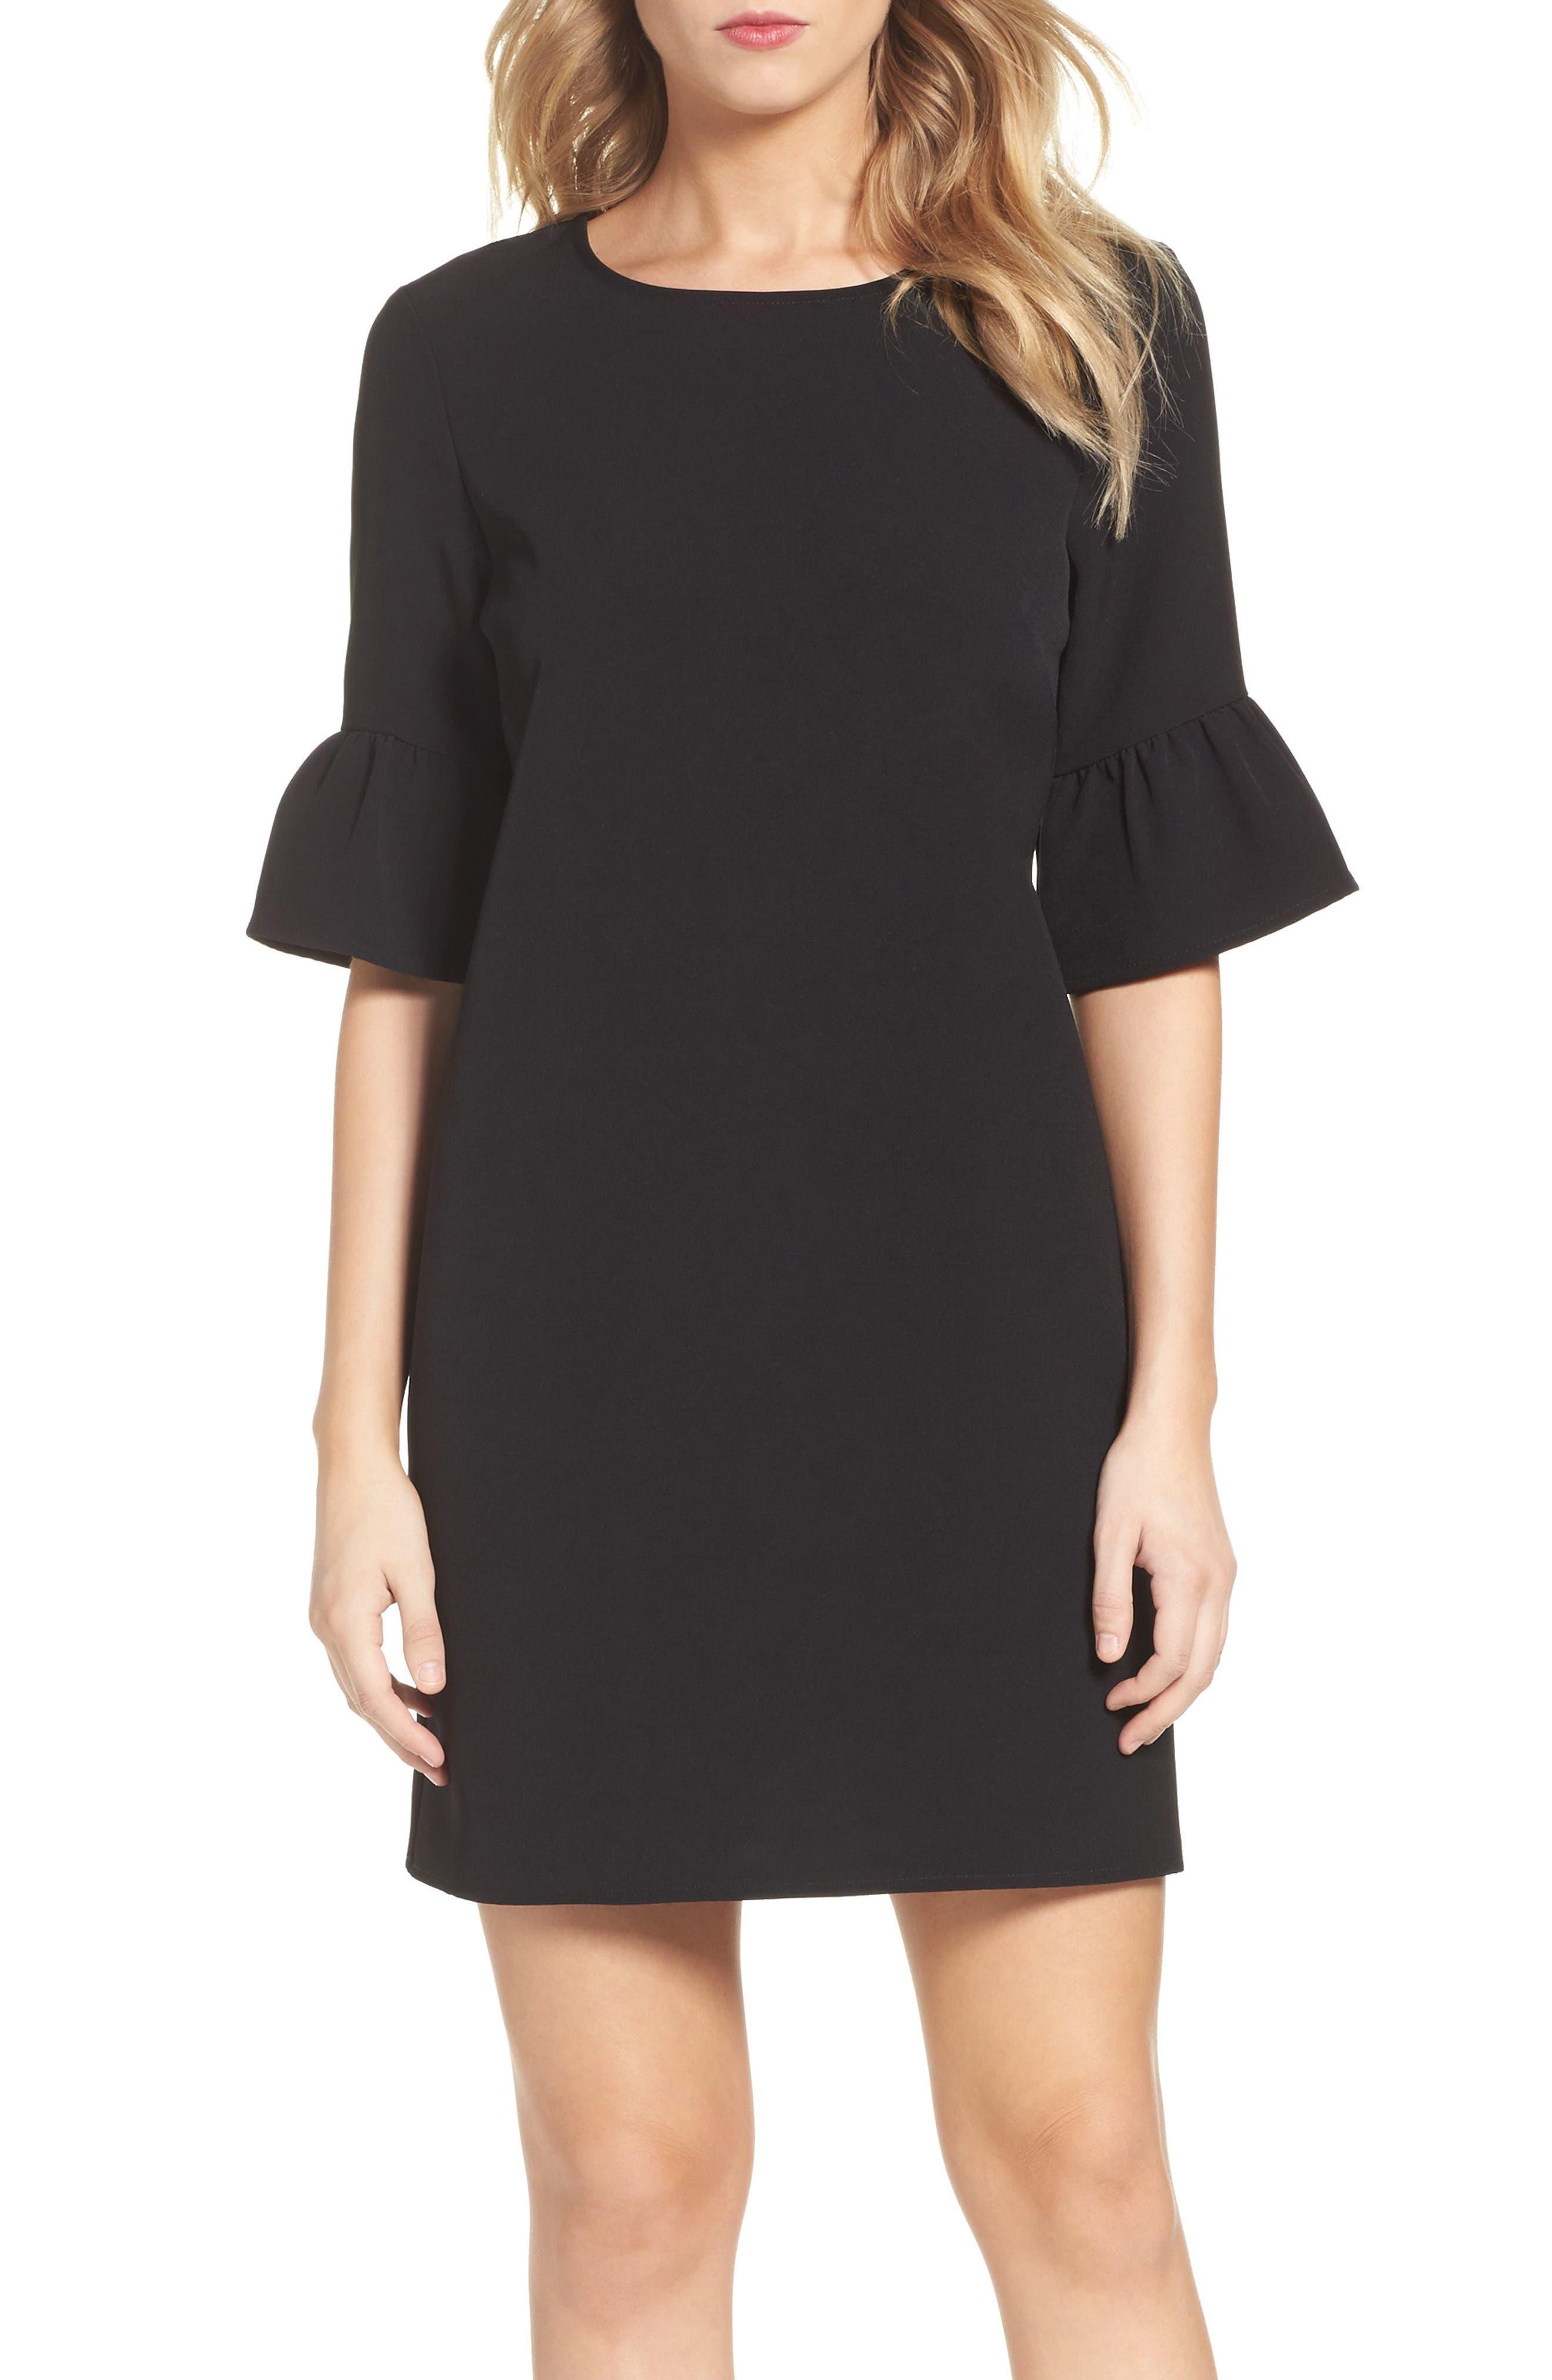 Alternate Image 1 Selected - Charles Henry Bell Sleeve Shift Dress (Regular & Petite)